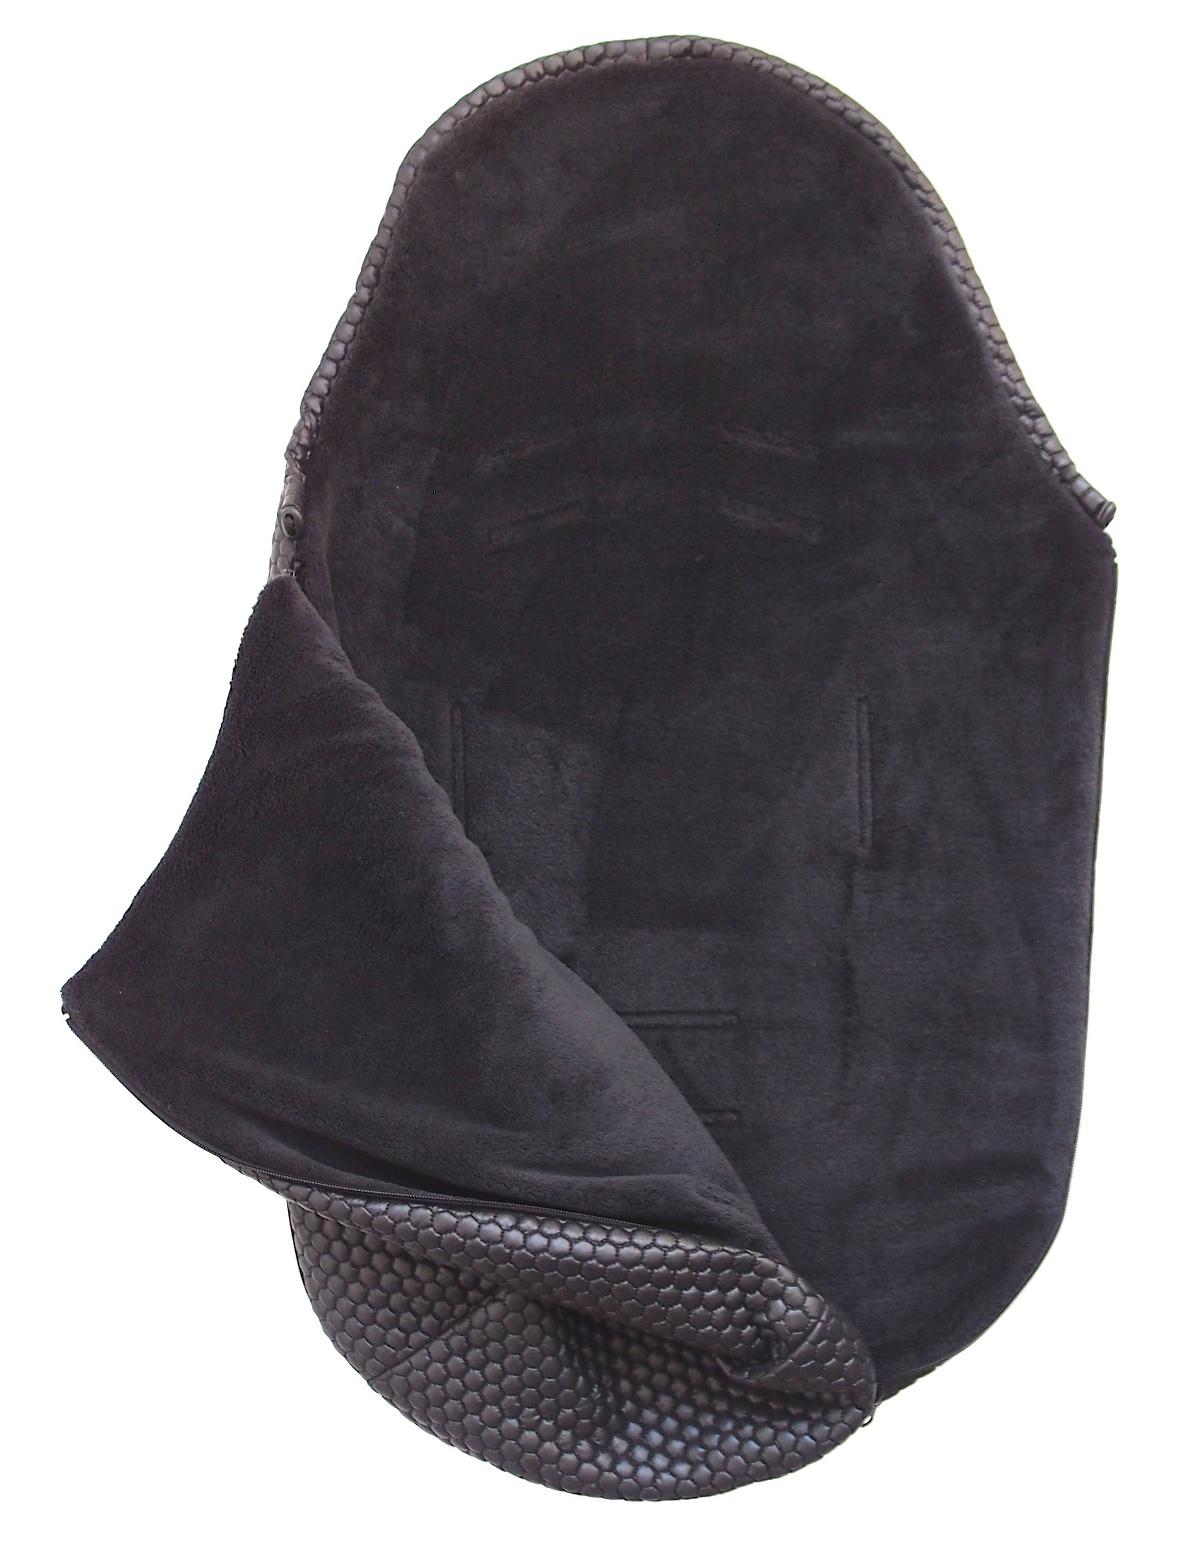 kliknutít zobrazíte maximální velikost obrázku fusak Black Comb 0-12měsíců